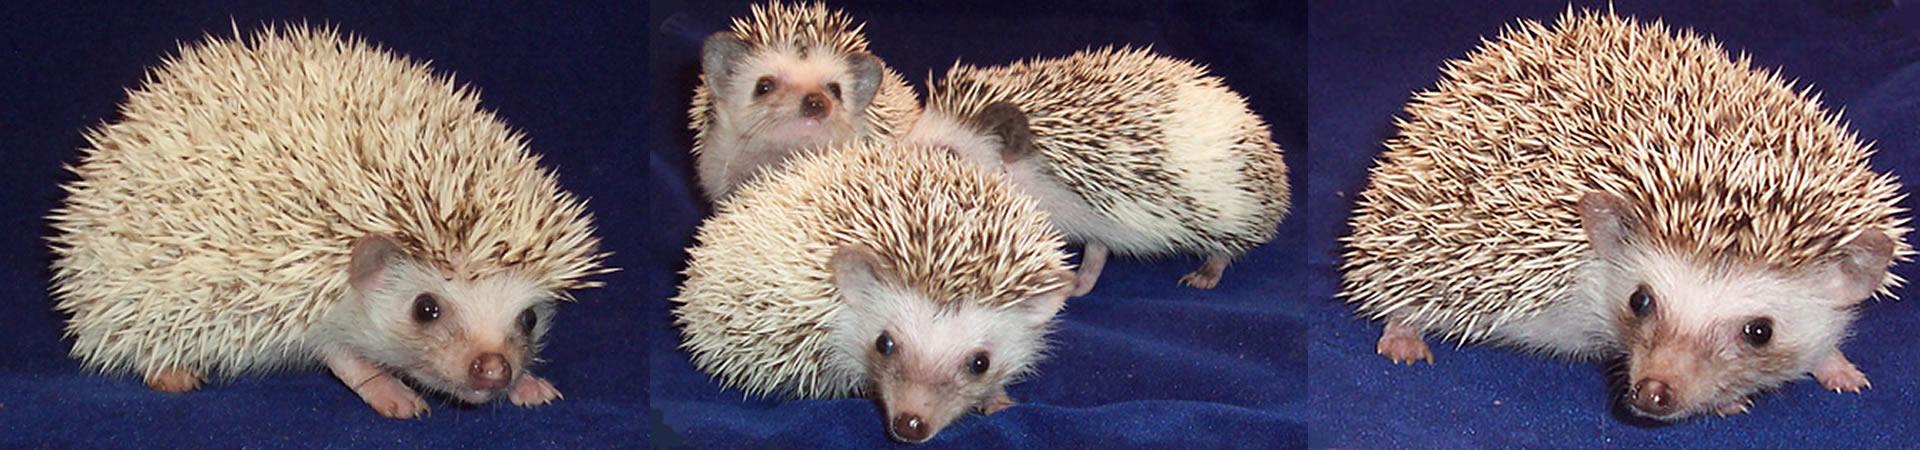 Experienced Hedgehog Breeders